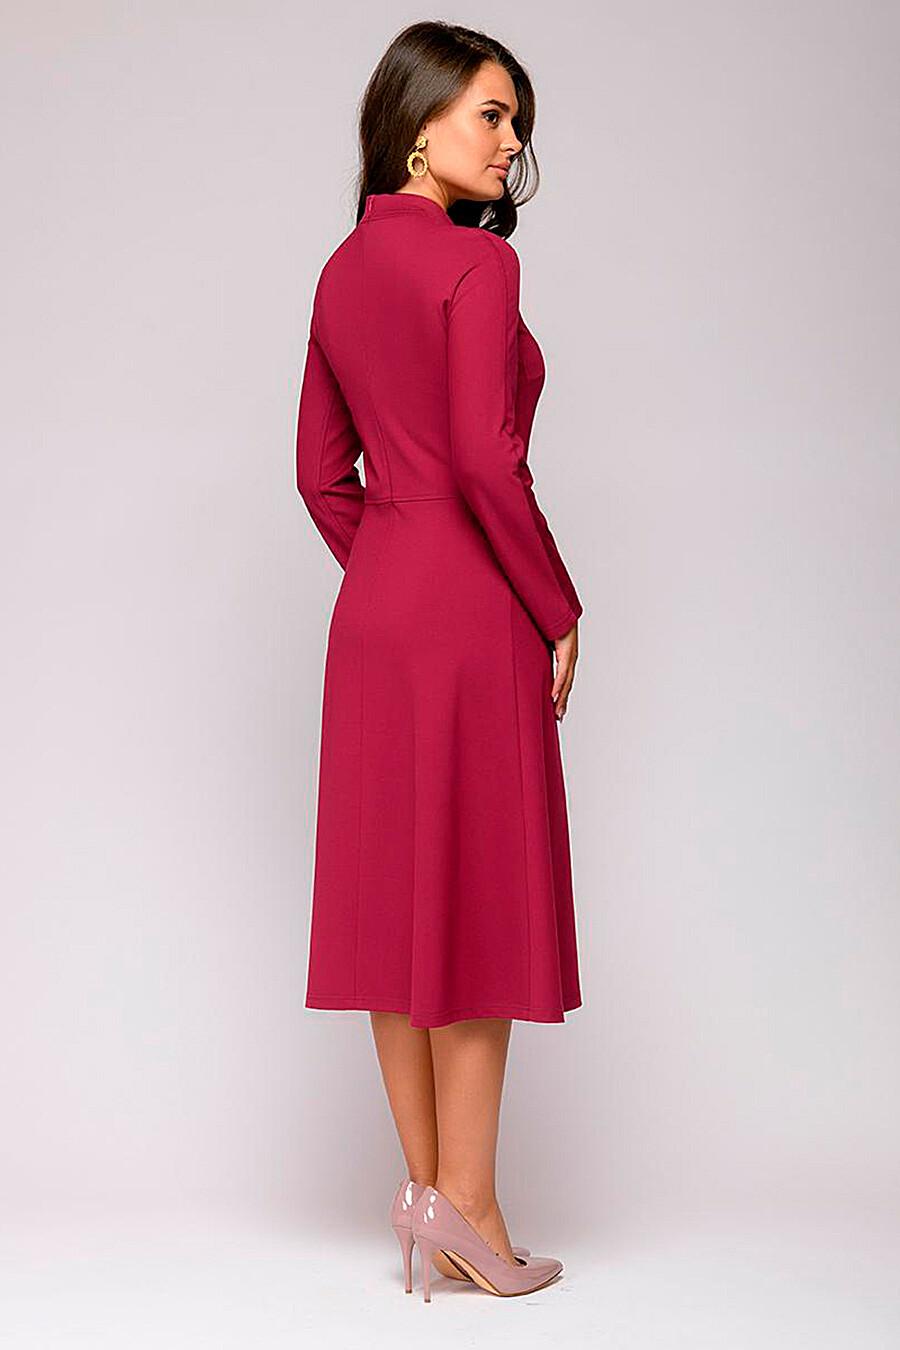 Платье для женщин 1001 DRESS 247655 купить оптом от производителя. Совместная покупка женской одежды в OptMoyo